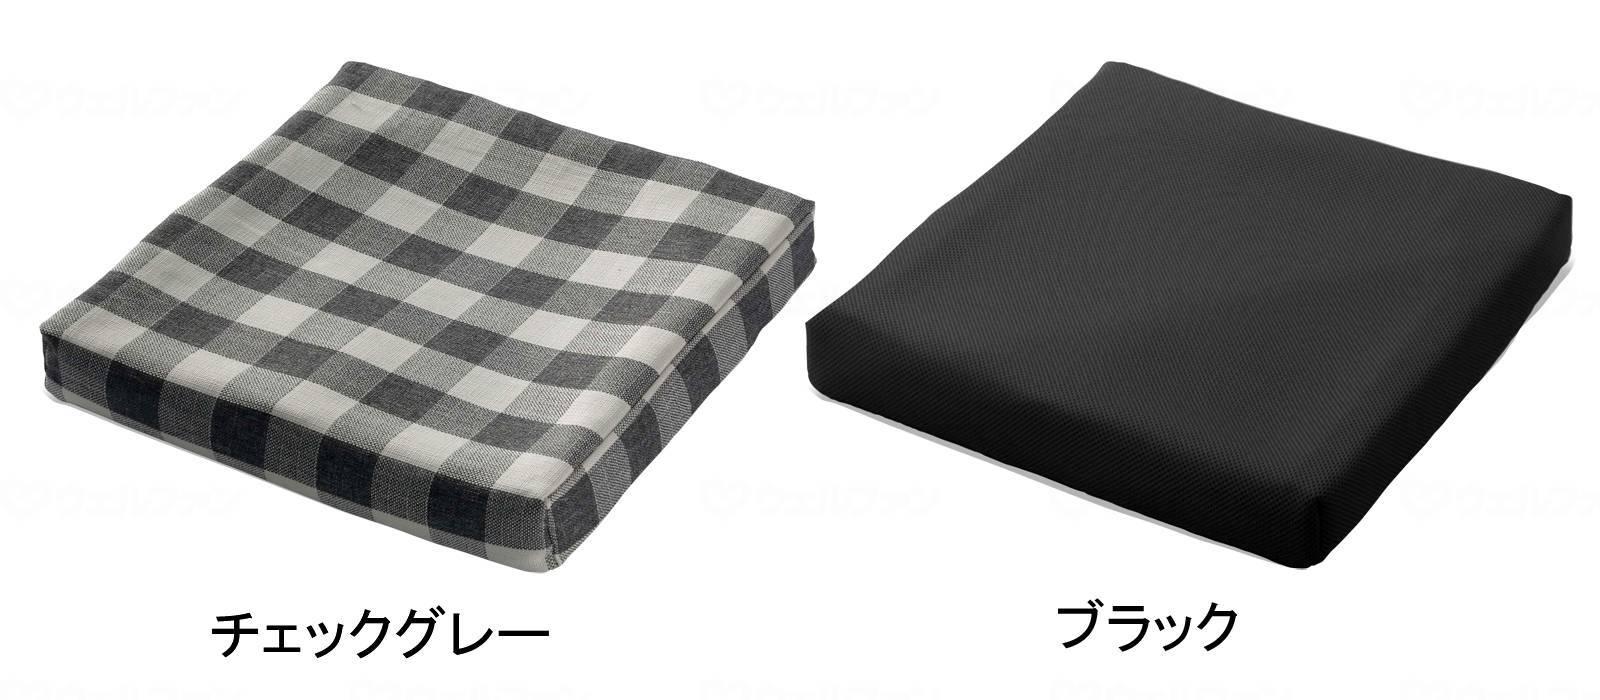 日本ジェル ピタ・シートクッション ブレス 通気カバータイプ PTB65 送料無料[介護 ケア サポート 介護用品 通販 ケアサポート 補助]